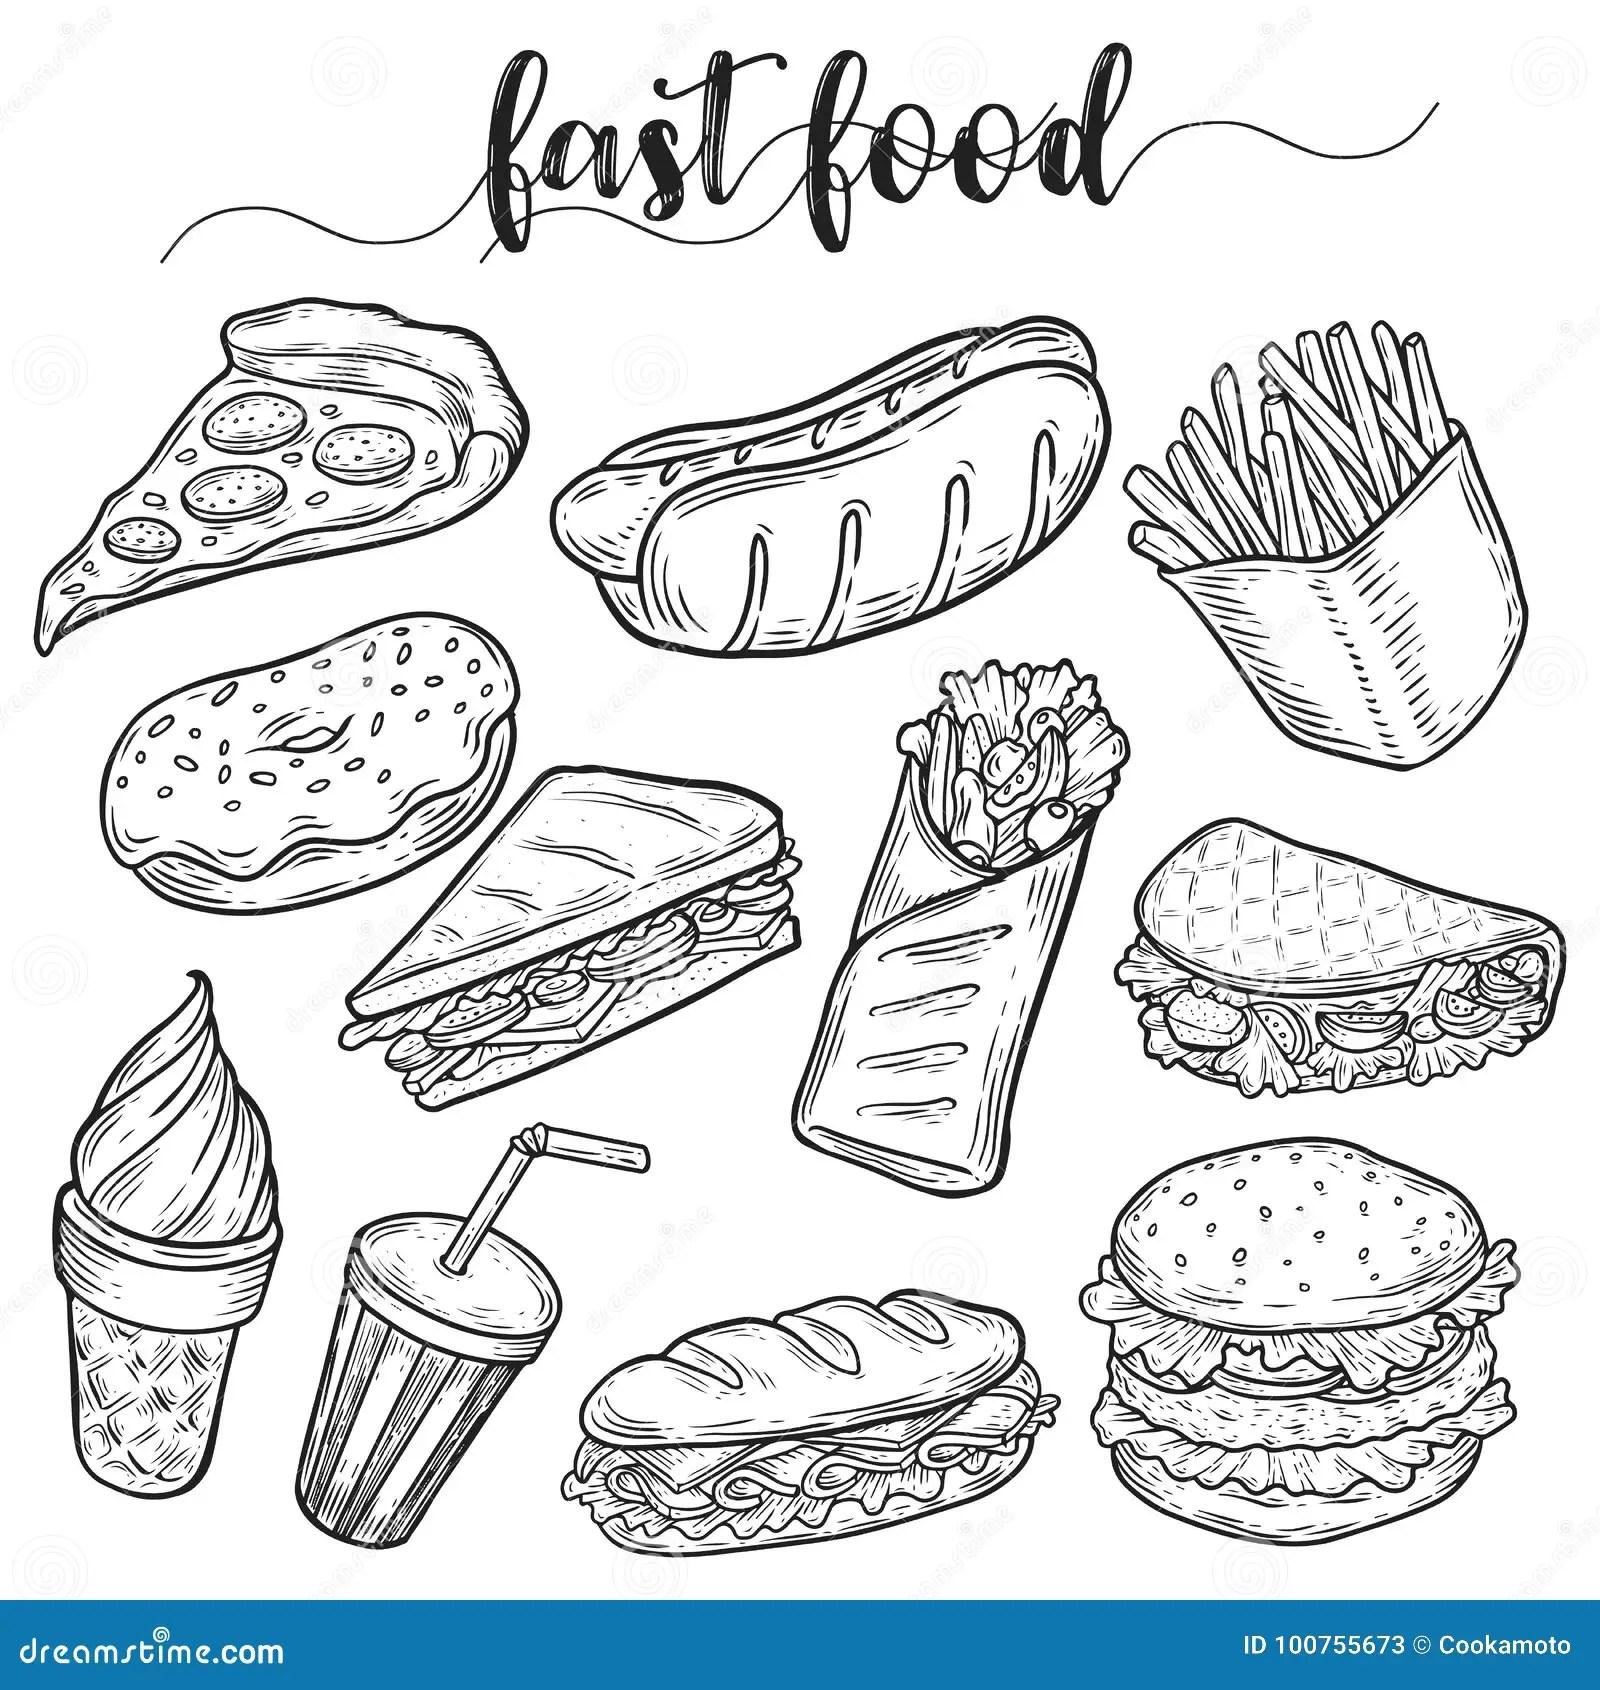 No Junk Food Poster Cartoon Vector